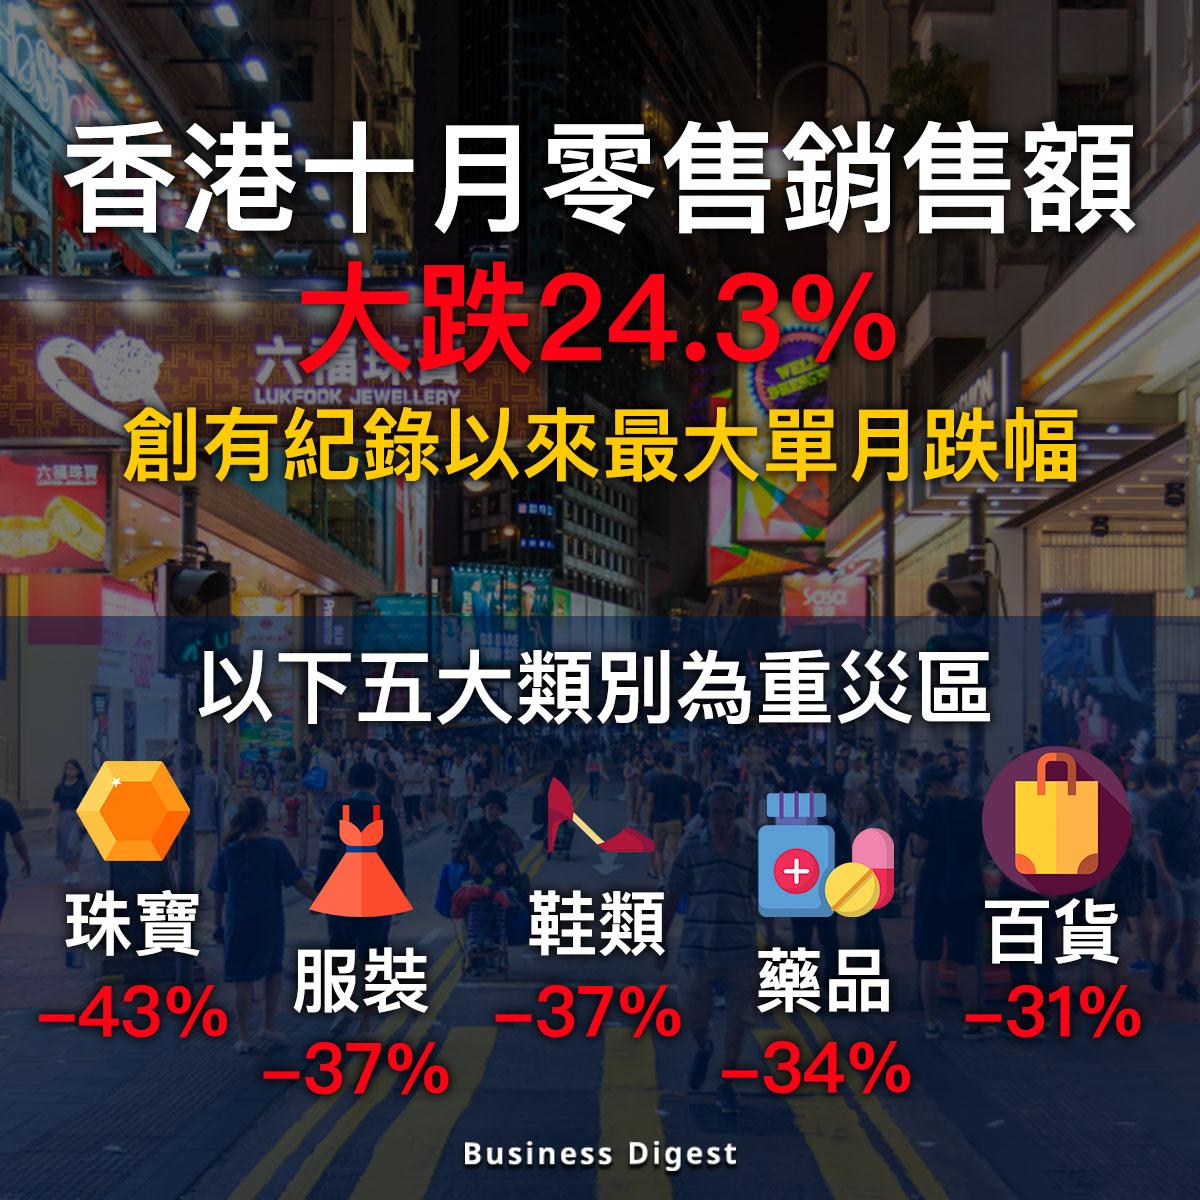 【從數據認識經濟】香港十月零售銷售額大跌24.3%